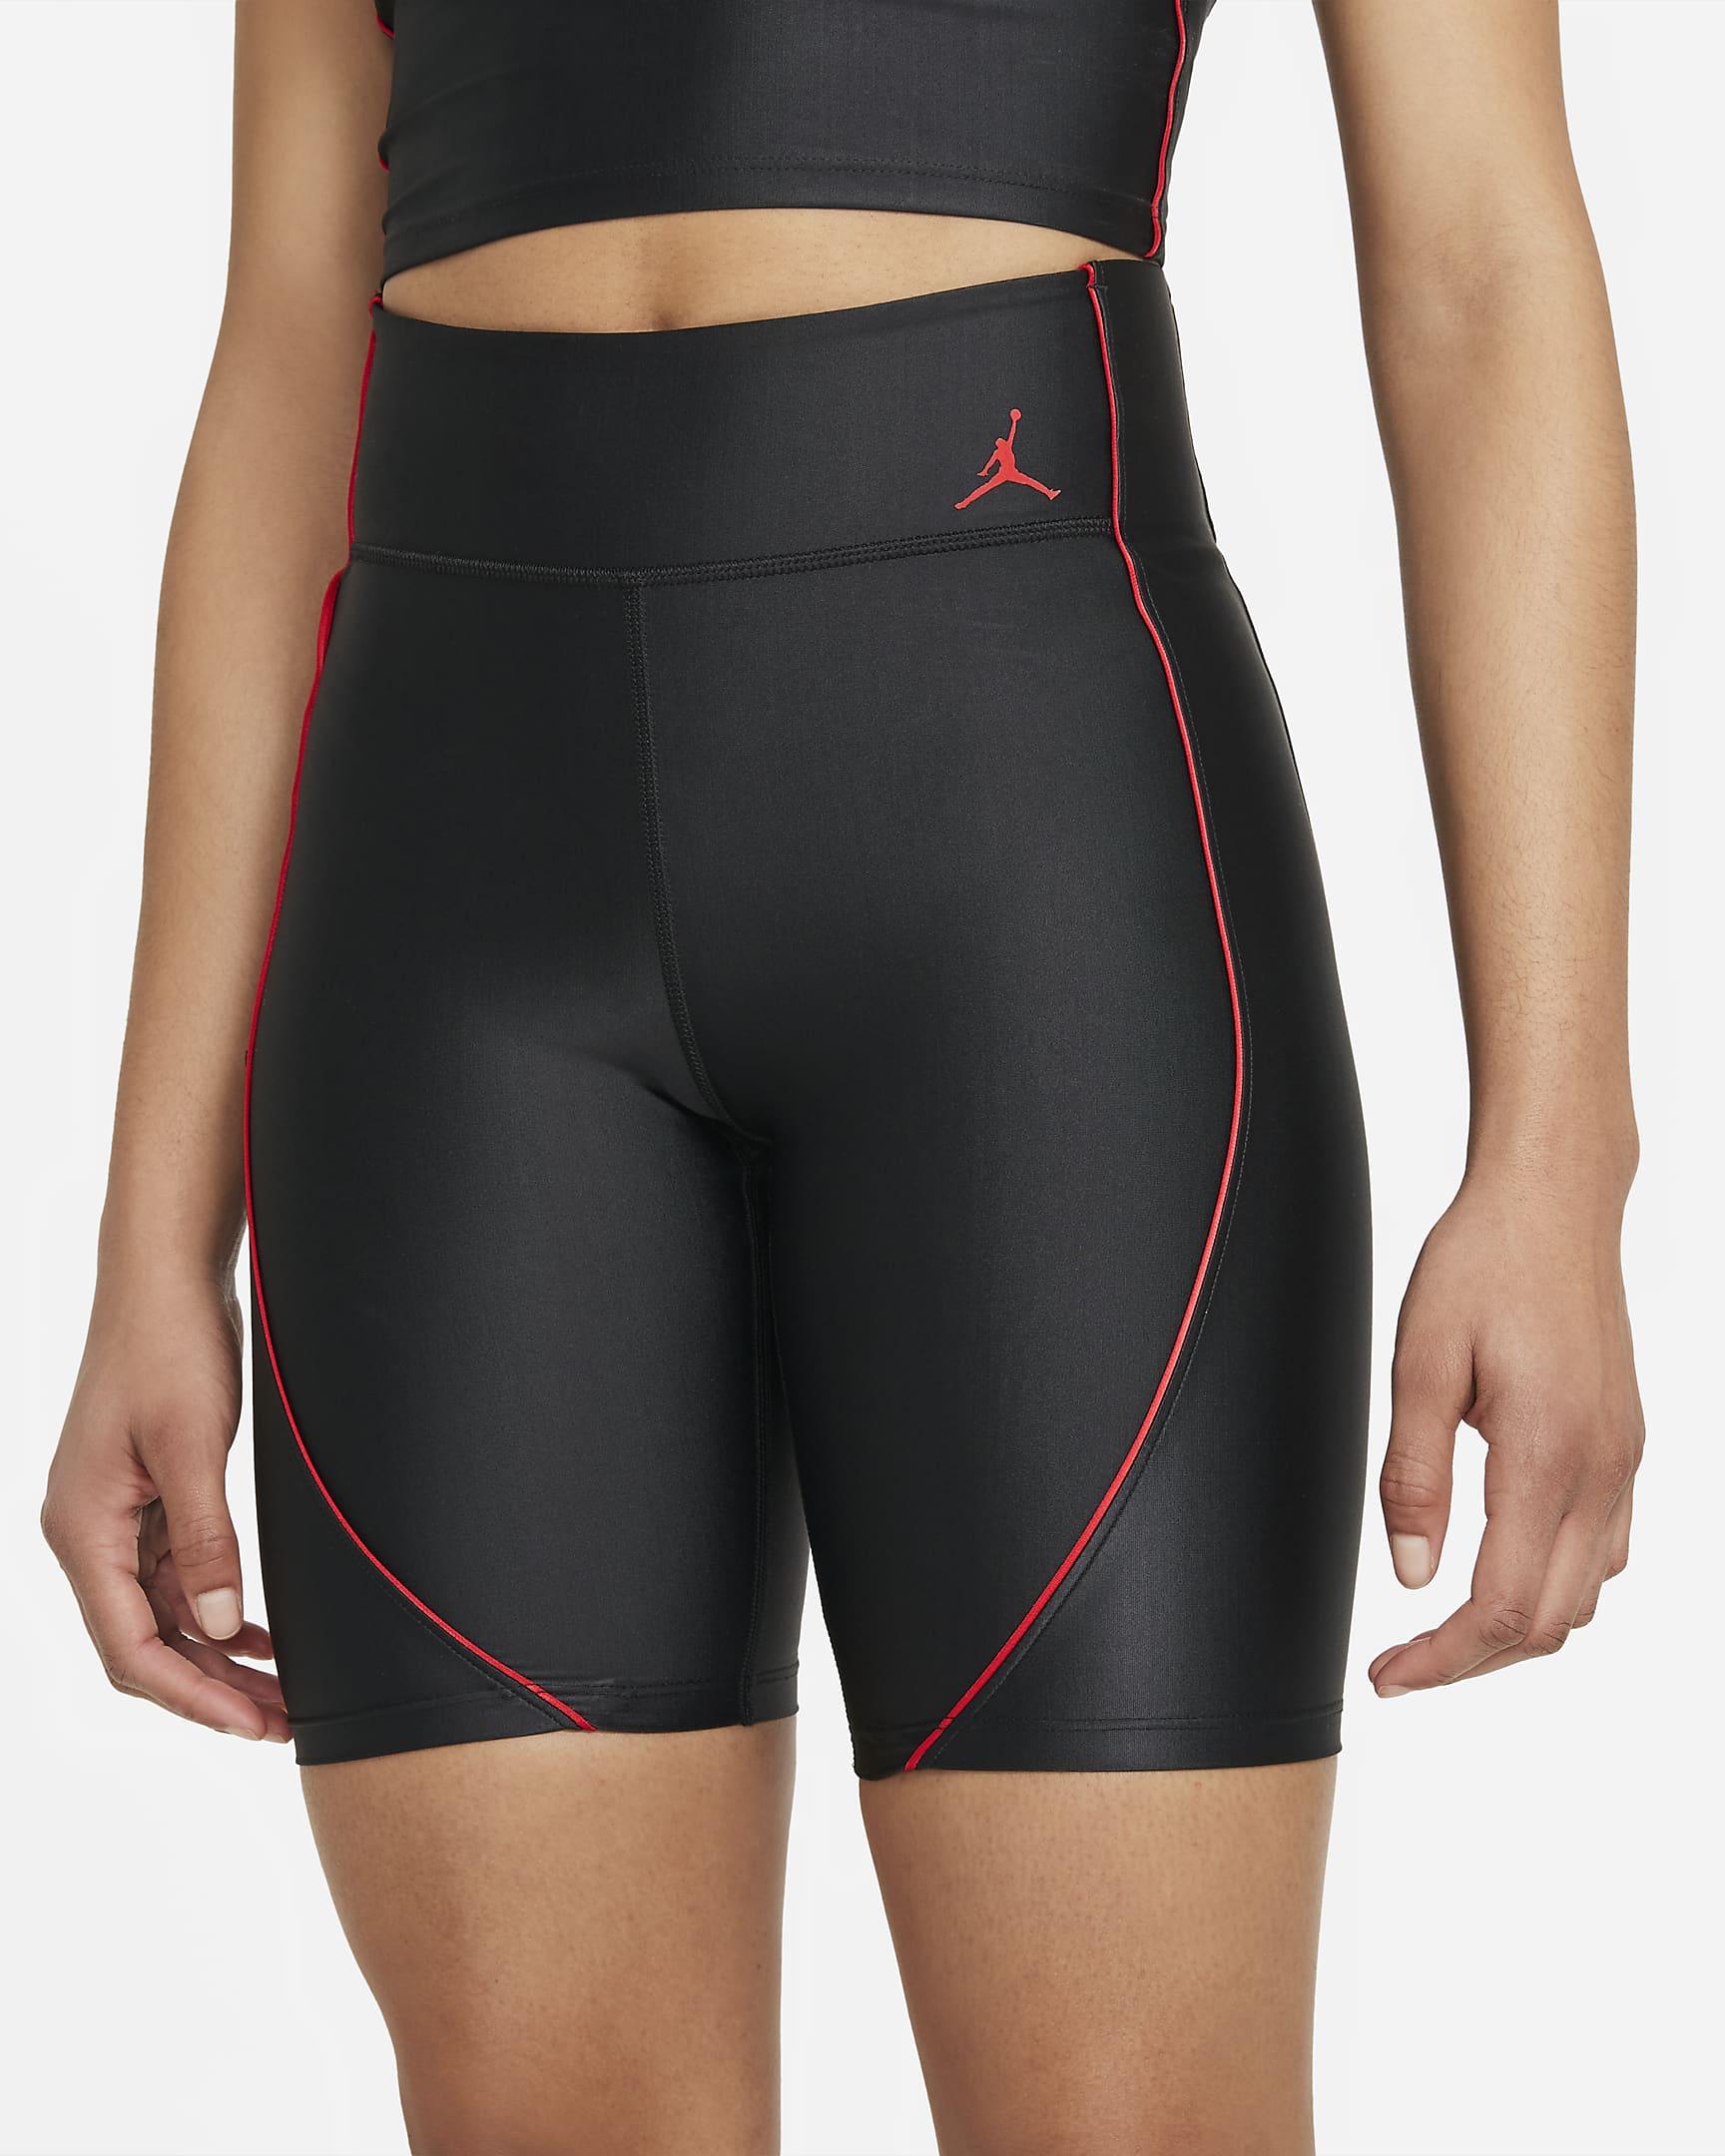 jordan-essentials-womens-mid-rise-bike-shorts-wMnJbl.png